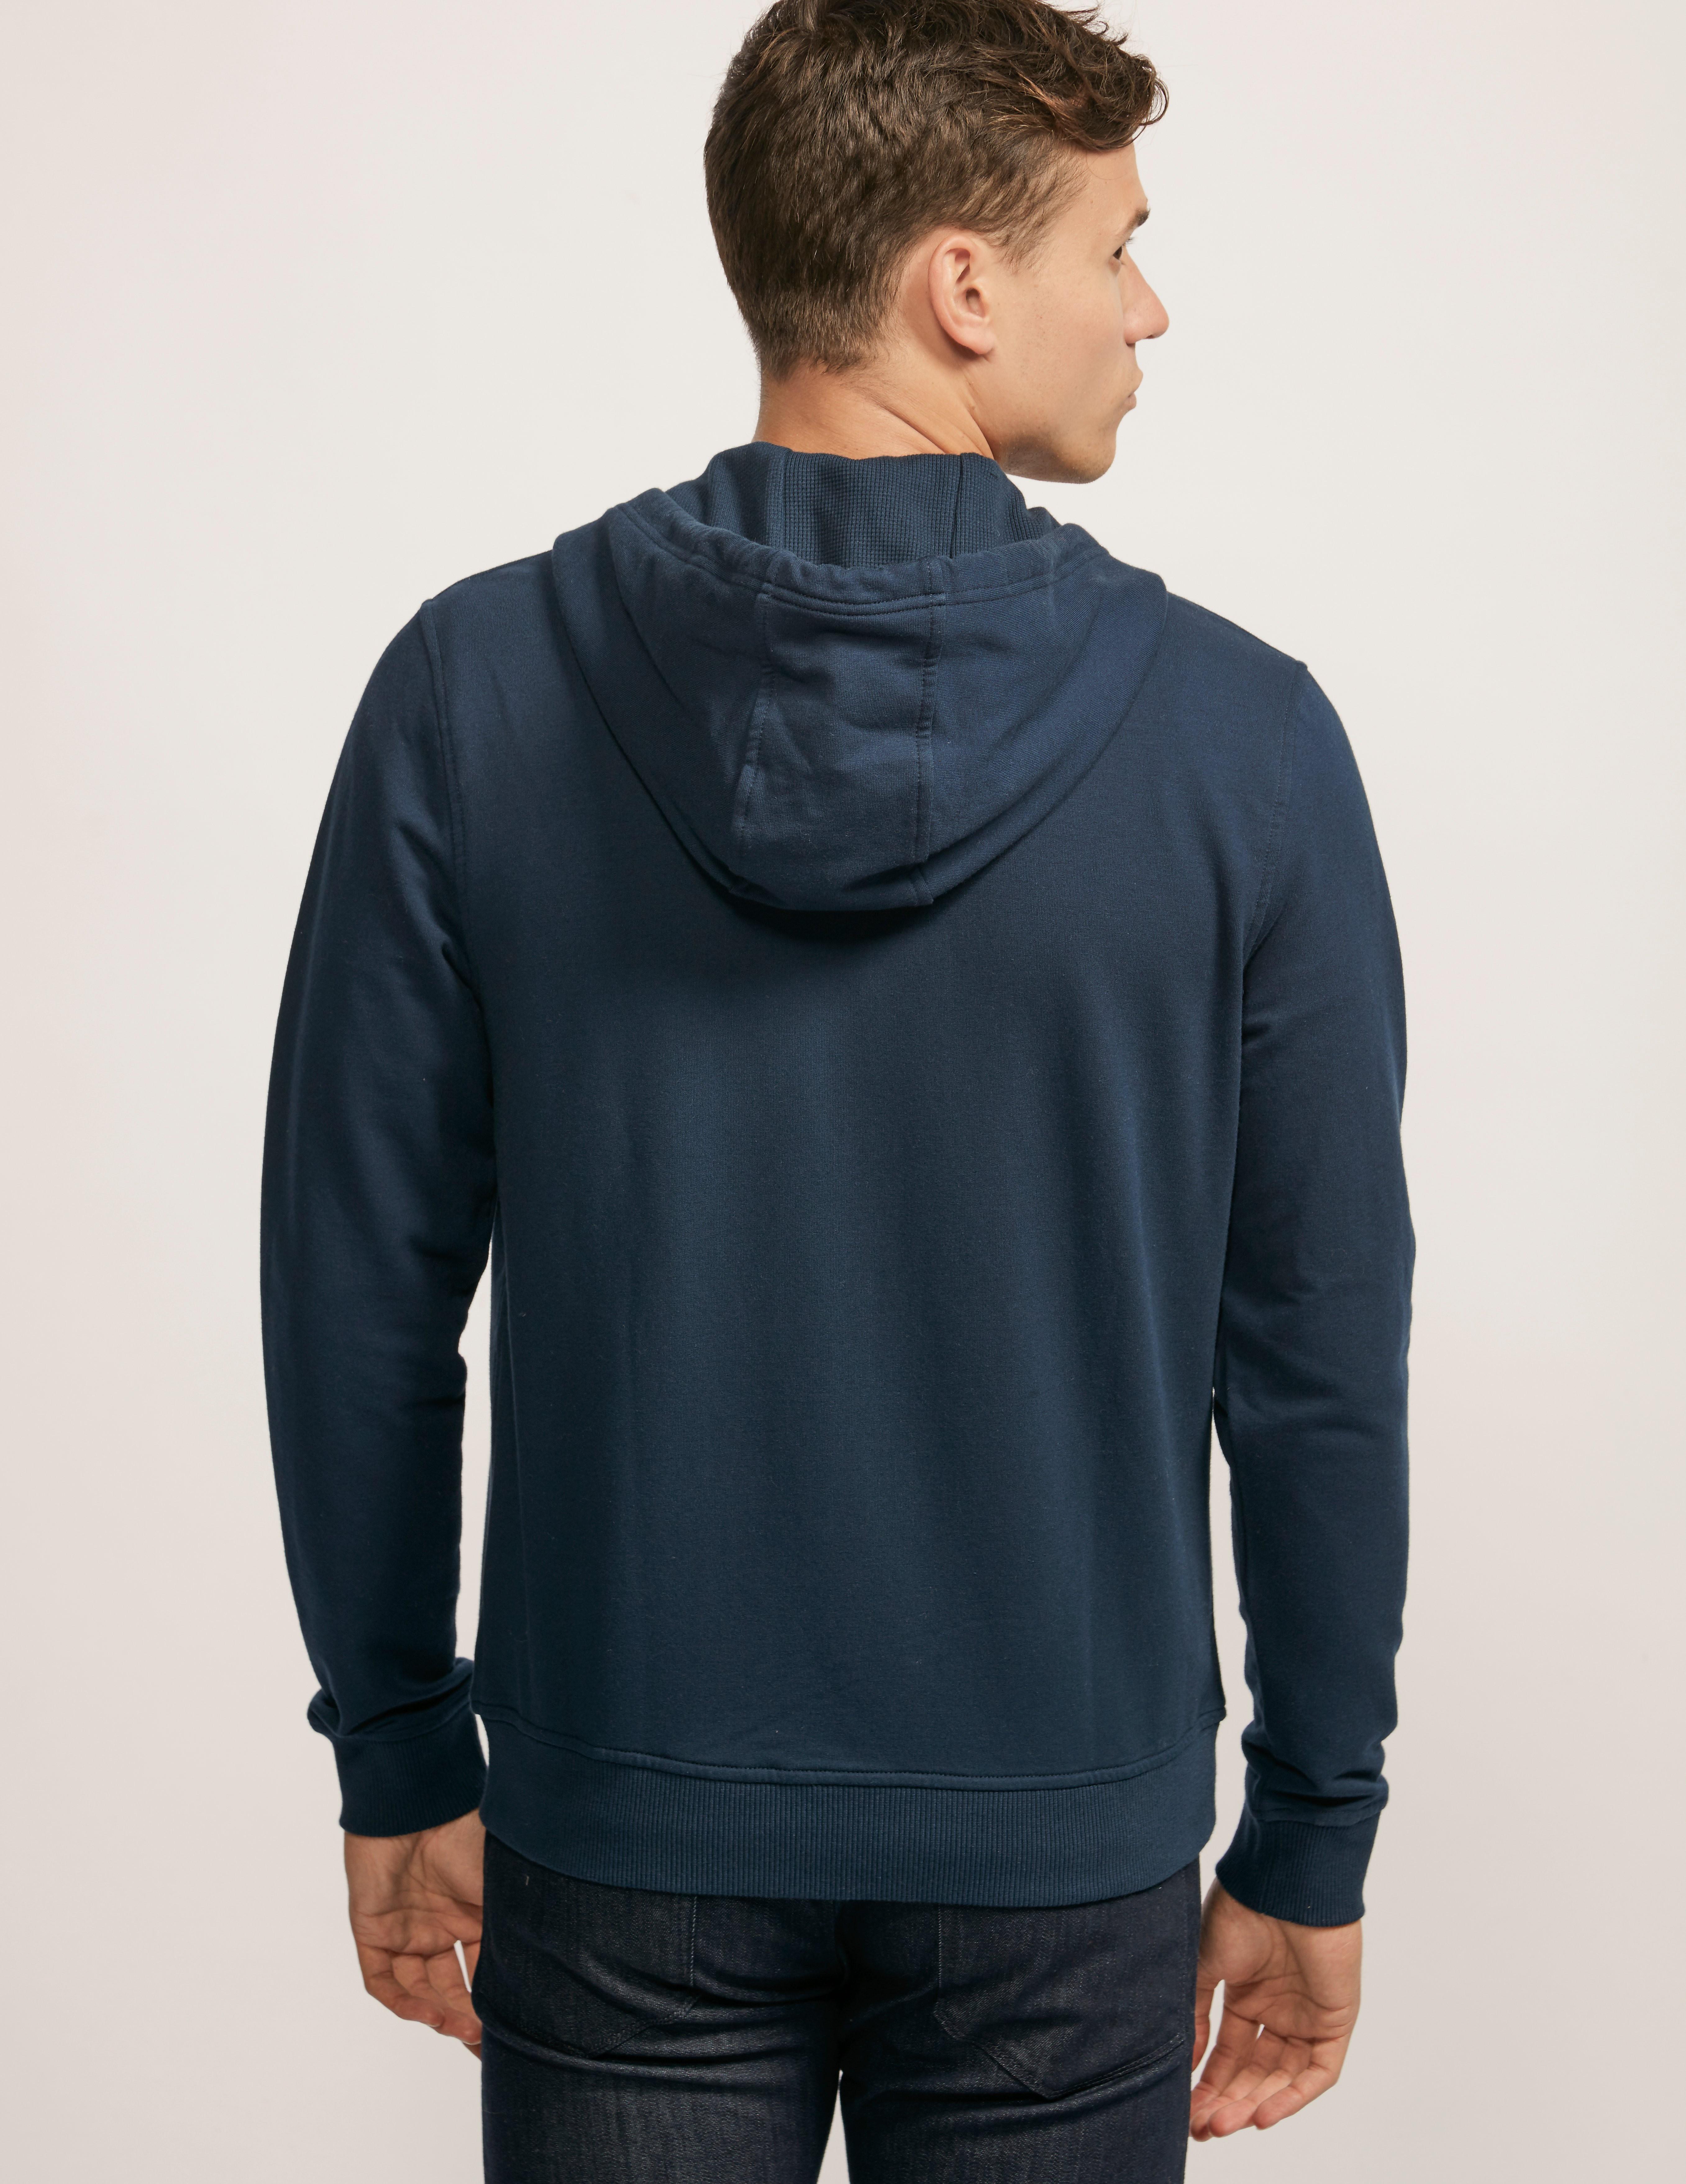 Michael Kors Stretch Fleece Hooded Sweatshirt